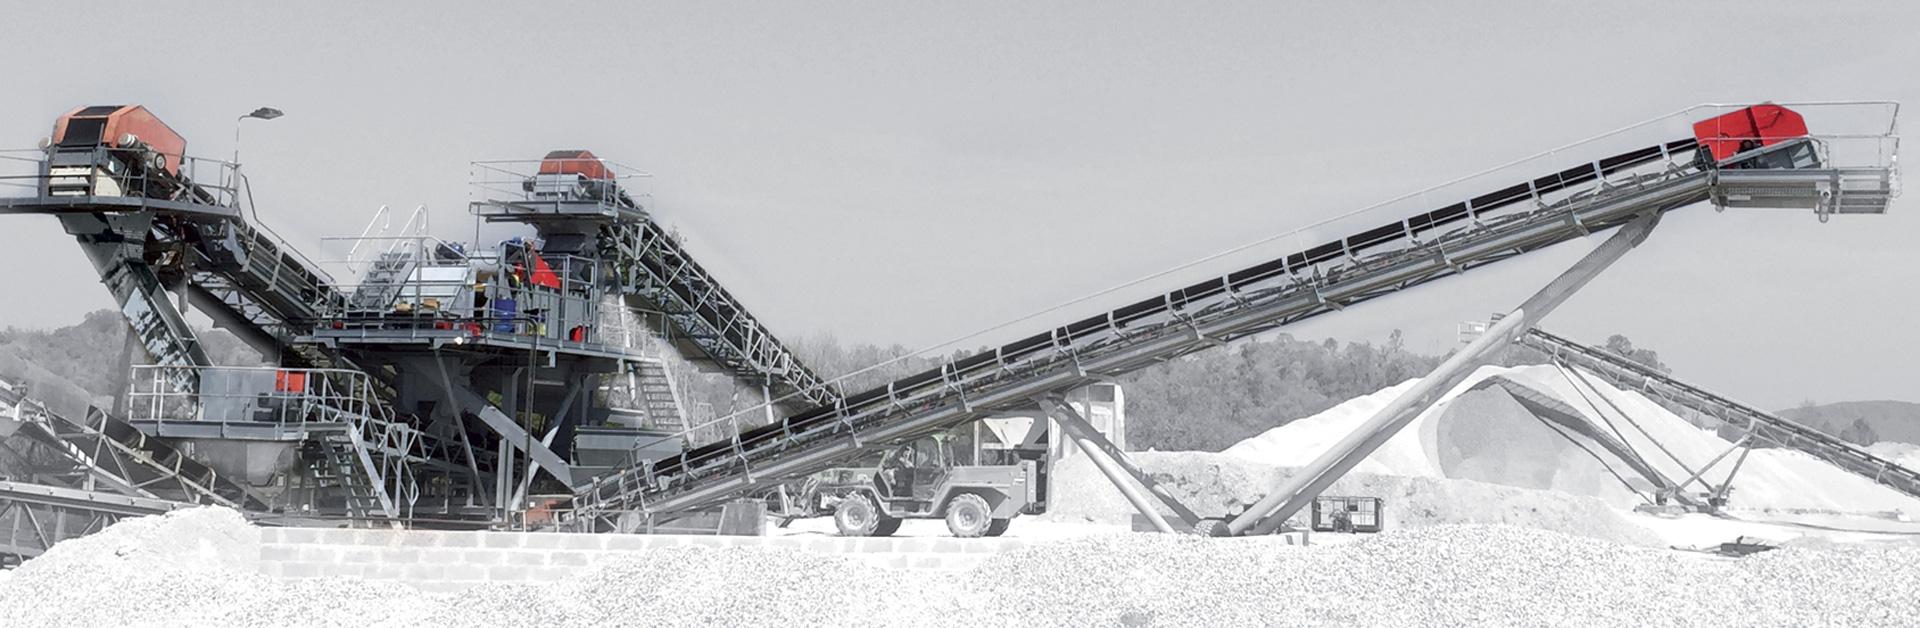 Missions Haladjian Minerals Solution